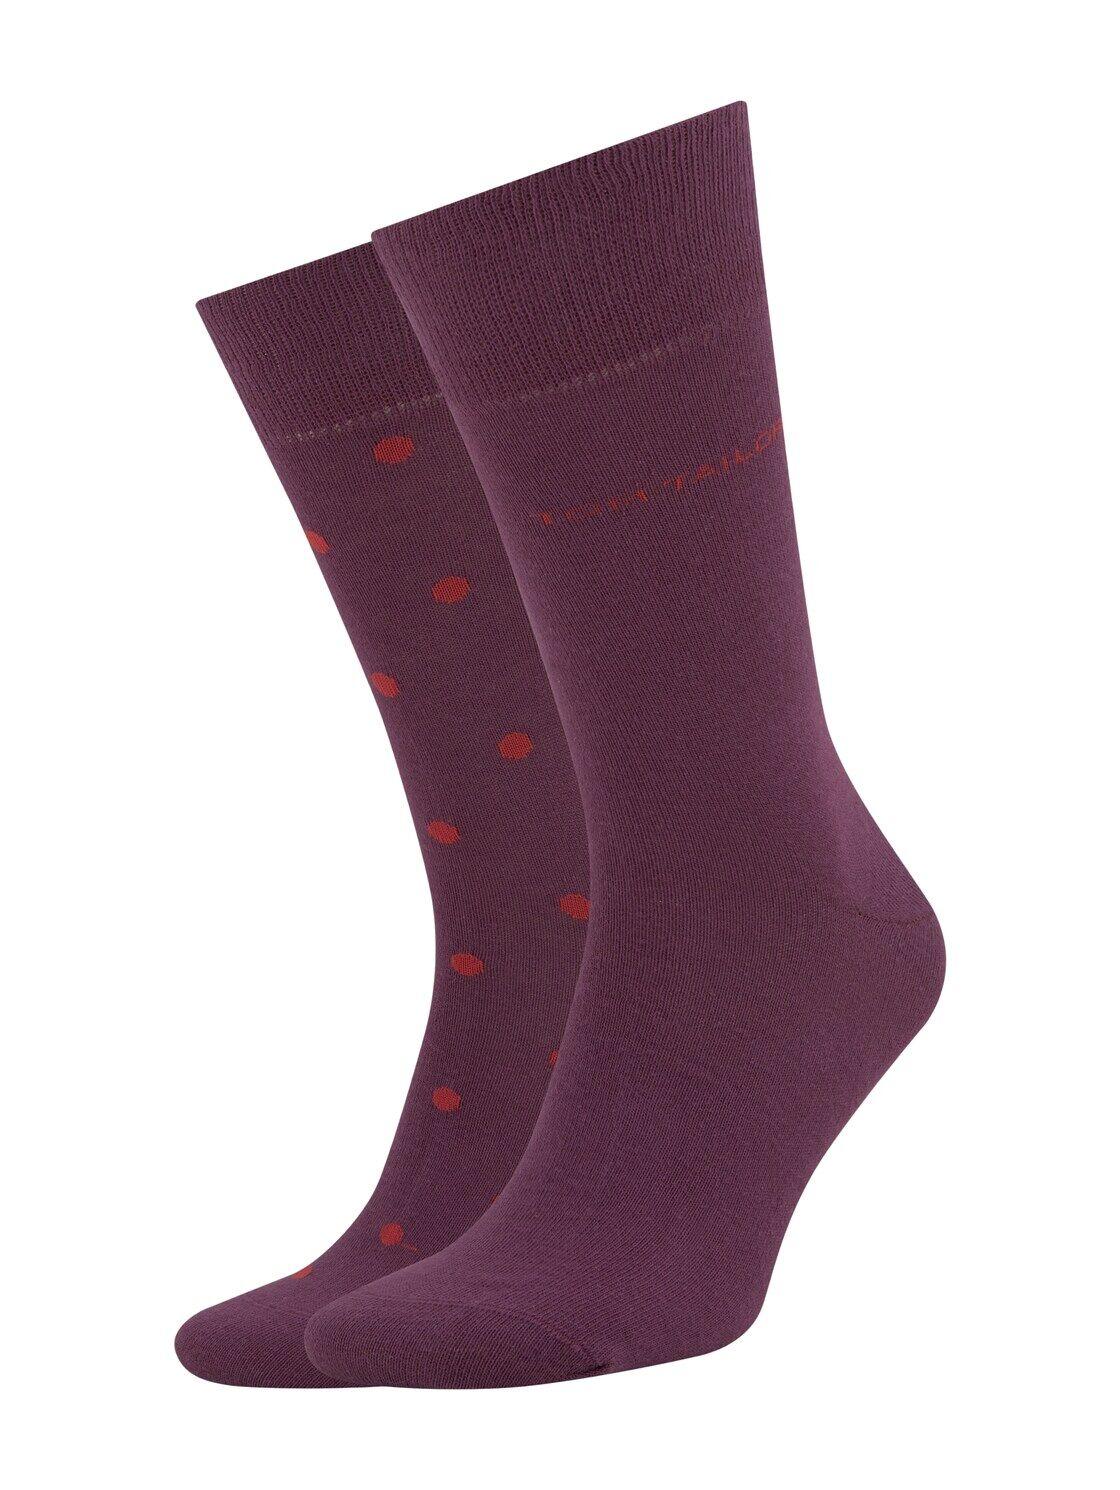 TOM TAILOR Herren Gepunktete Socken im Doppelpack, rot, Gr.39-42